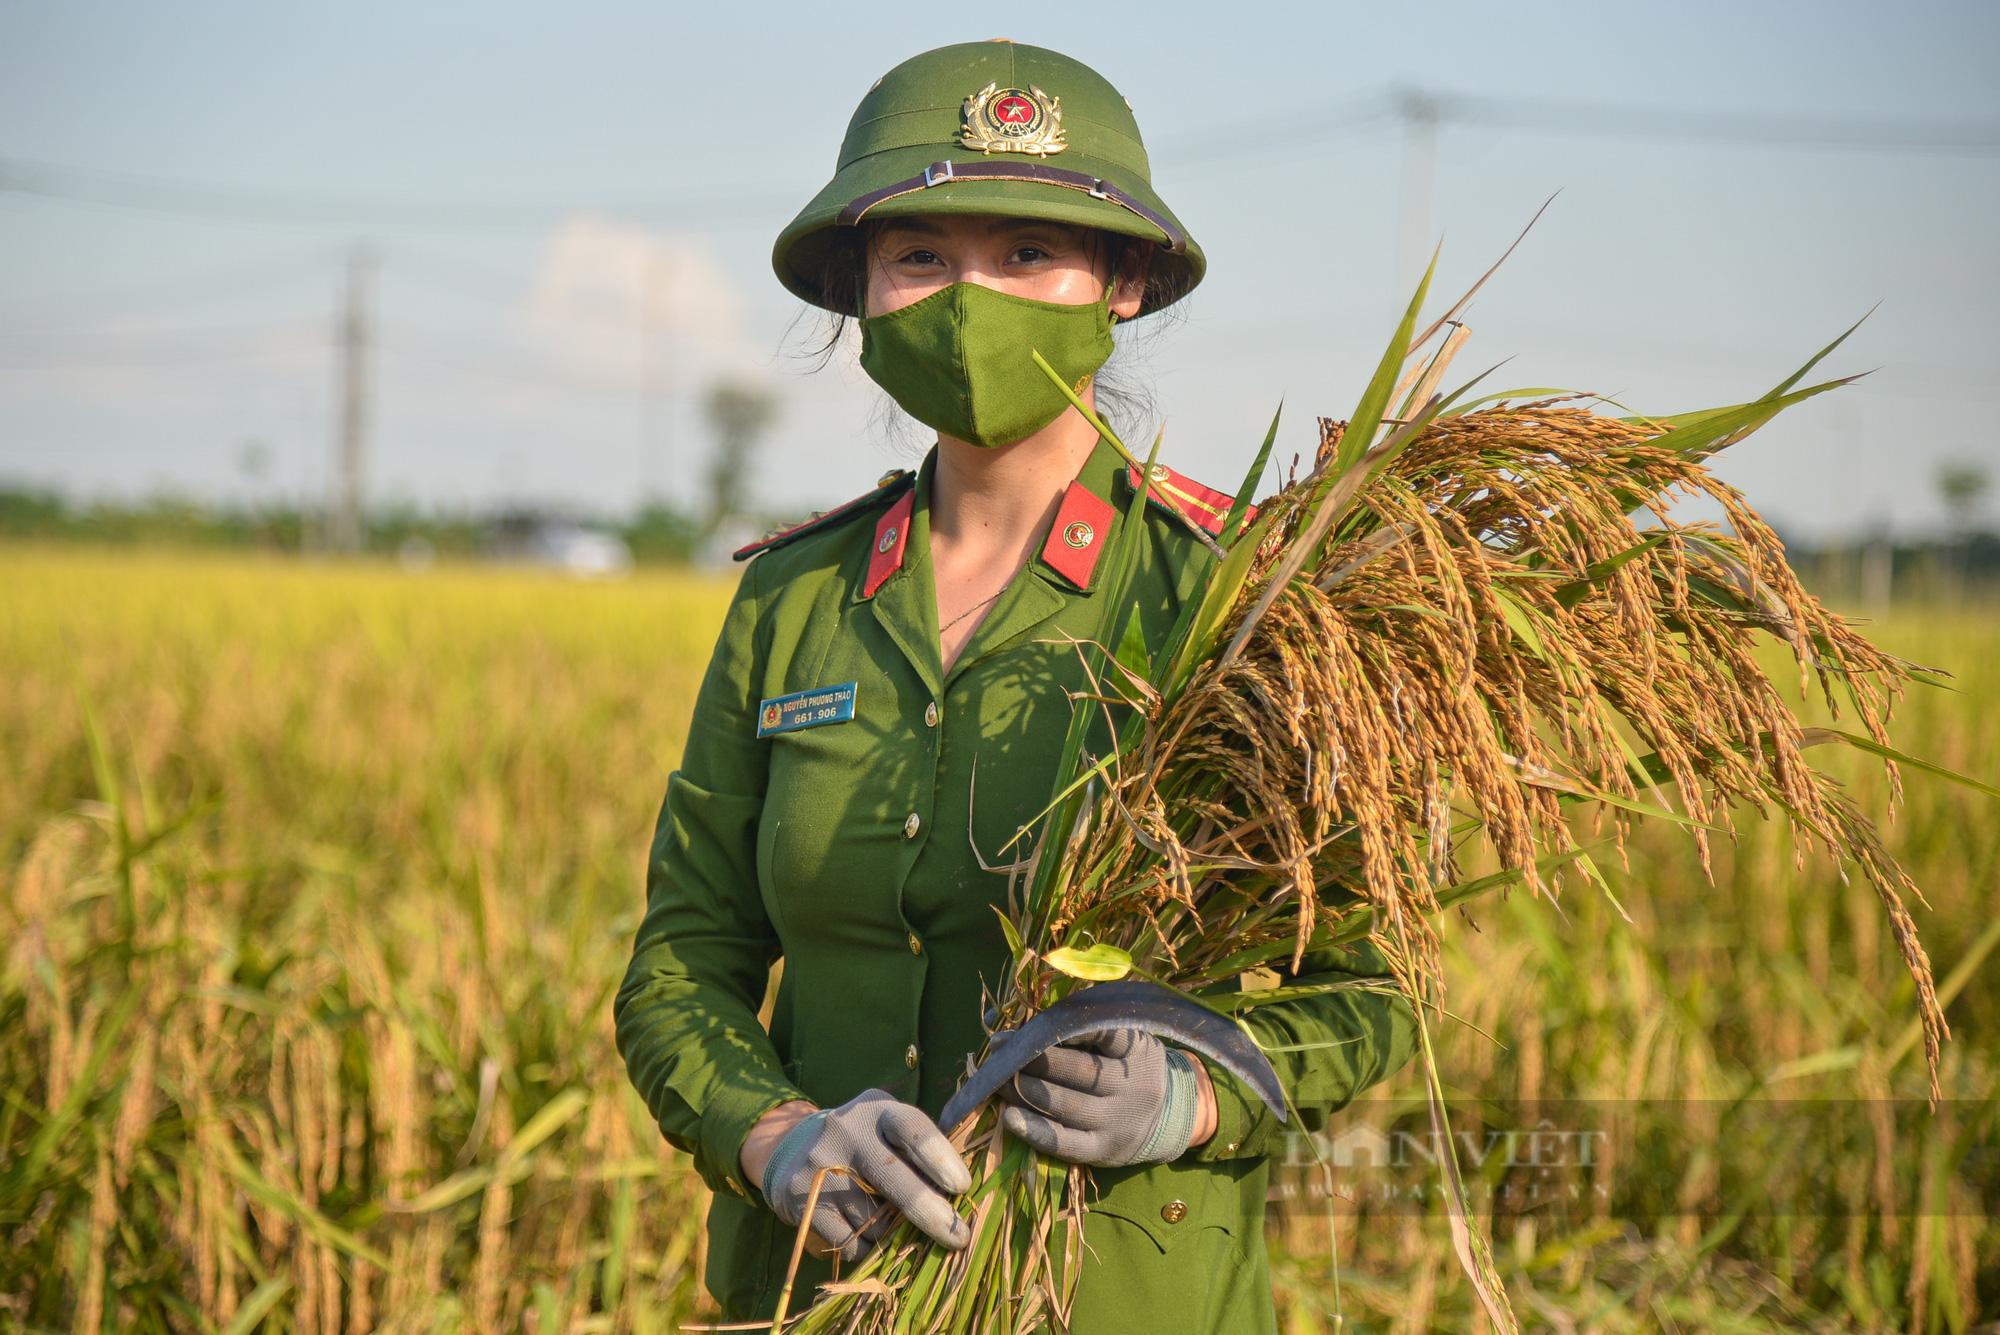 Hình ảnh chiến sĩ công an lội ruộng, ăn cơm vội để thu hoạch lúa giúp 141 hộ ở vùng cách ly y tế - Ảnh 3.